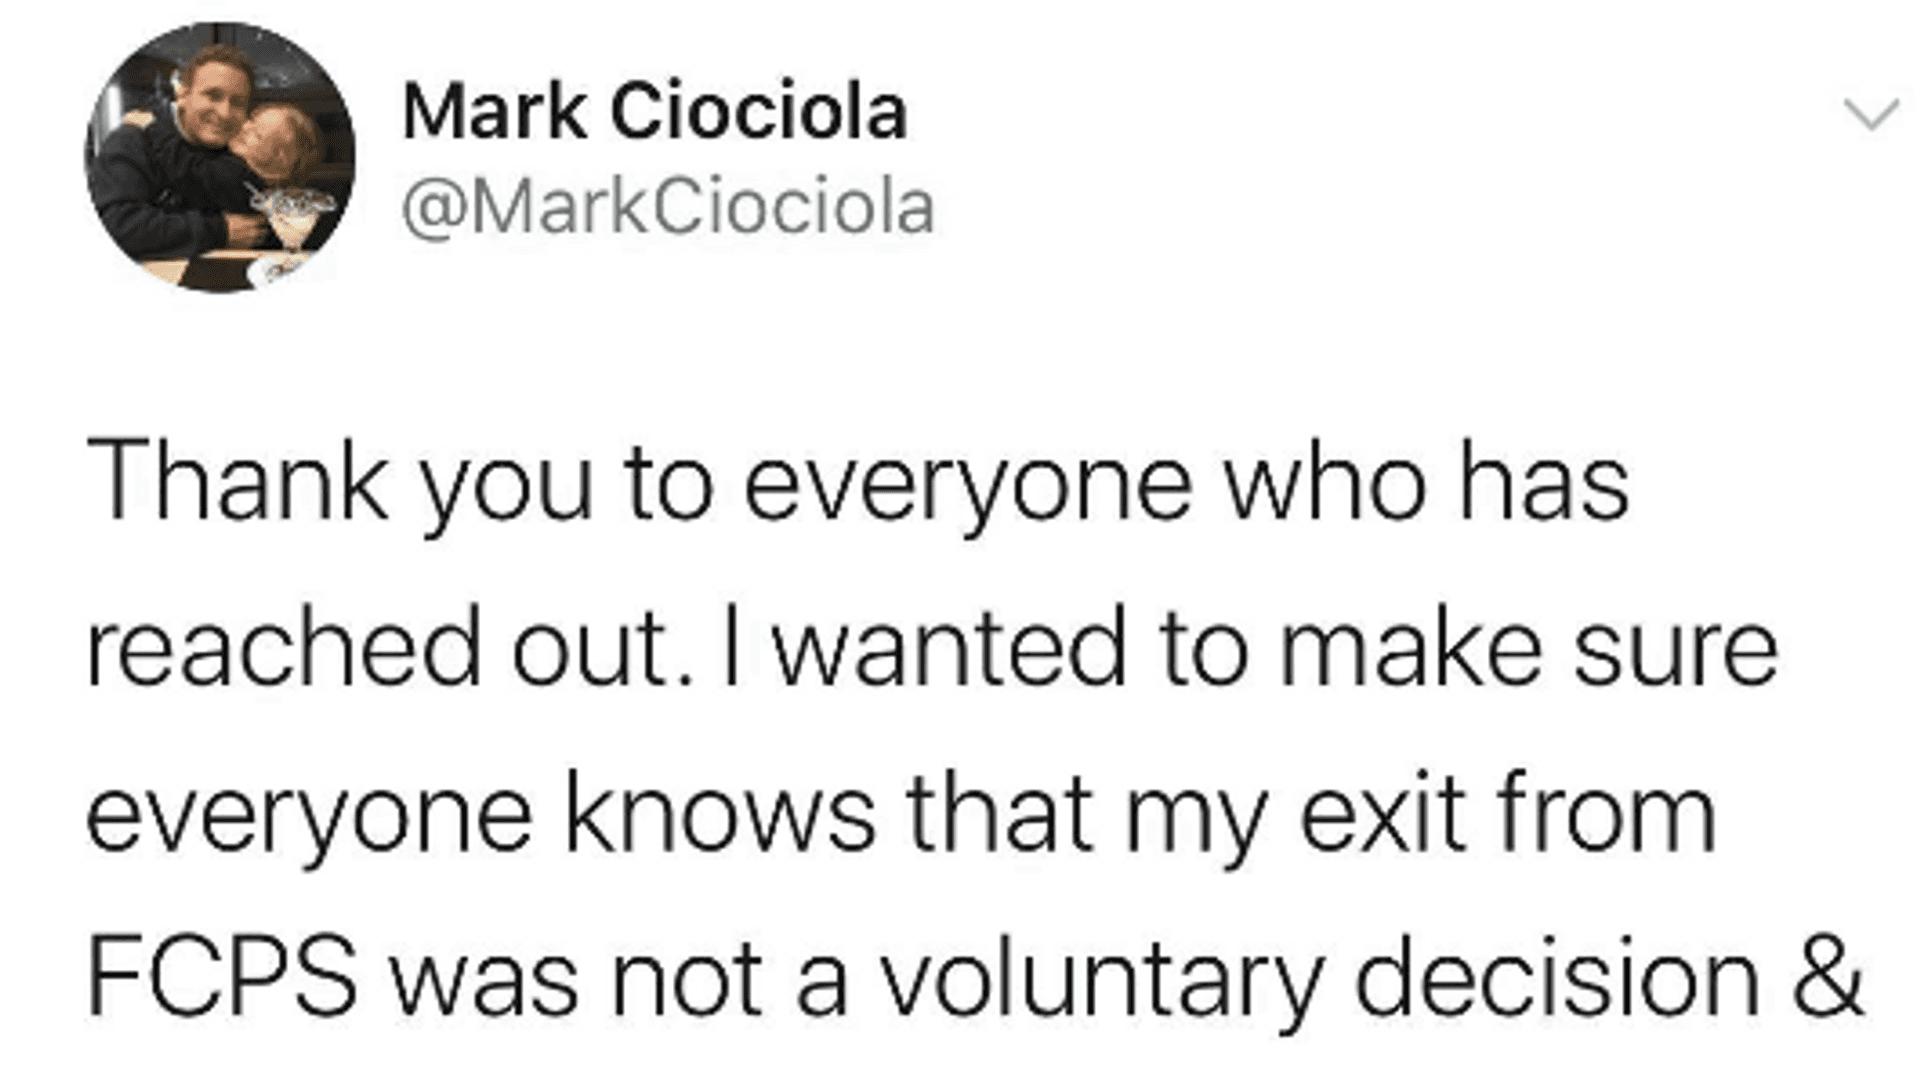 Mark Ciociola wandte sich in den sozialen Medien